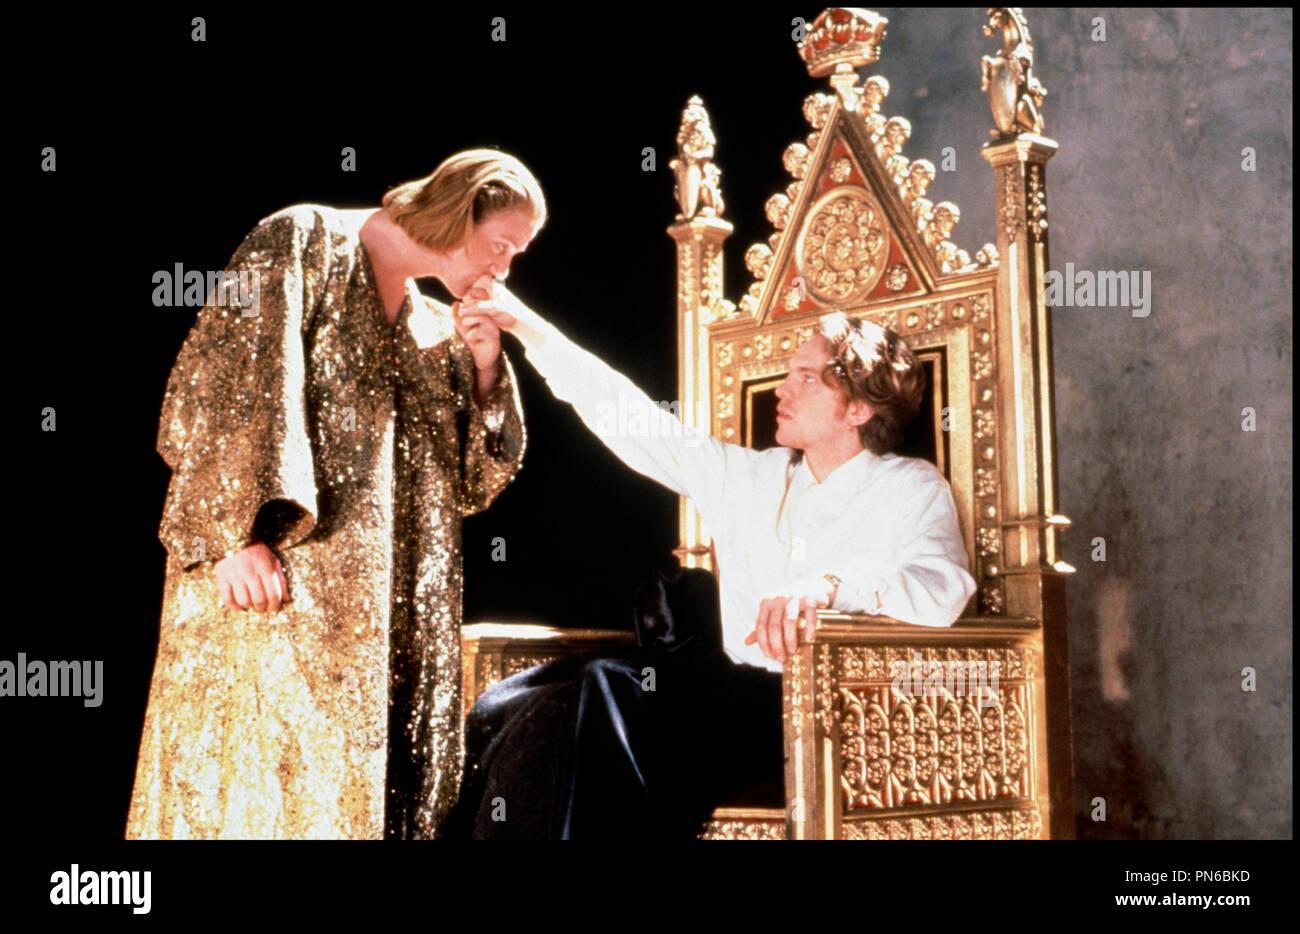 Prod DB © Working Title / DR EDWARD II (EDWARD II) de Derek Jarman 1991 GB avec Steve Waddington et Andrew Tiernan baise-main, altesse royale, homosexualité, majesté, roi, ambitieux, trone d'après la pièce de Christopher Marlowe - Stock Image